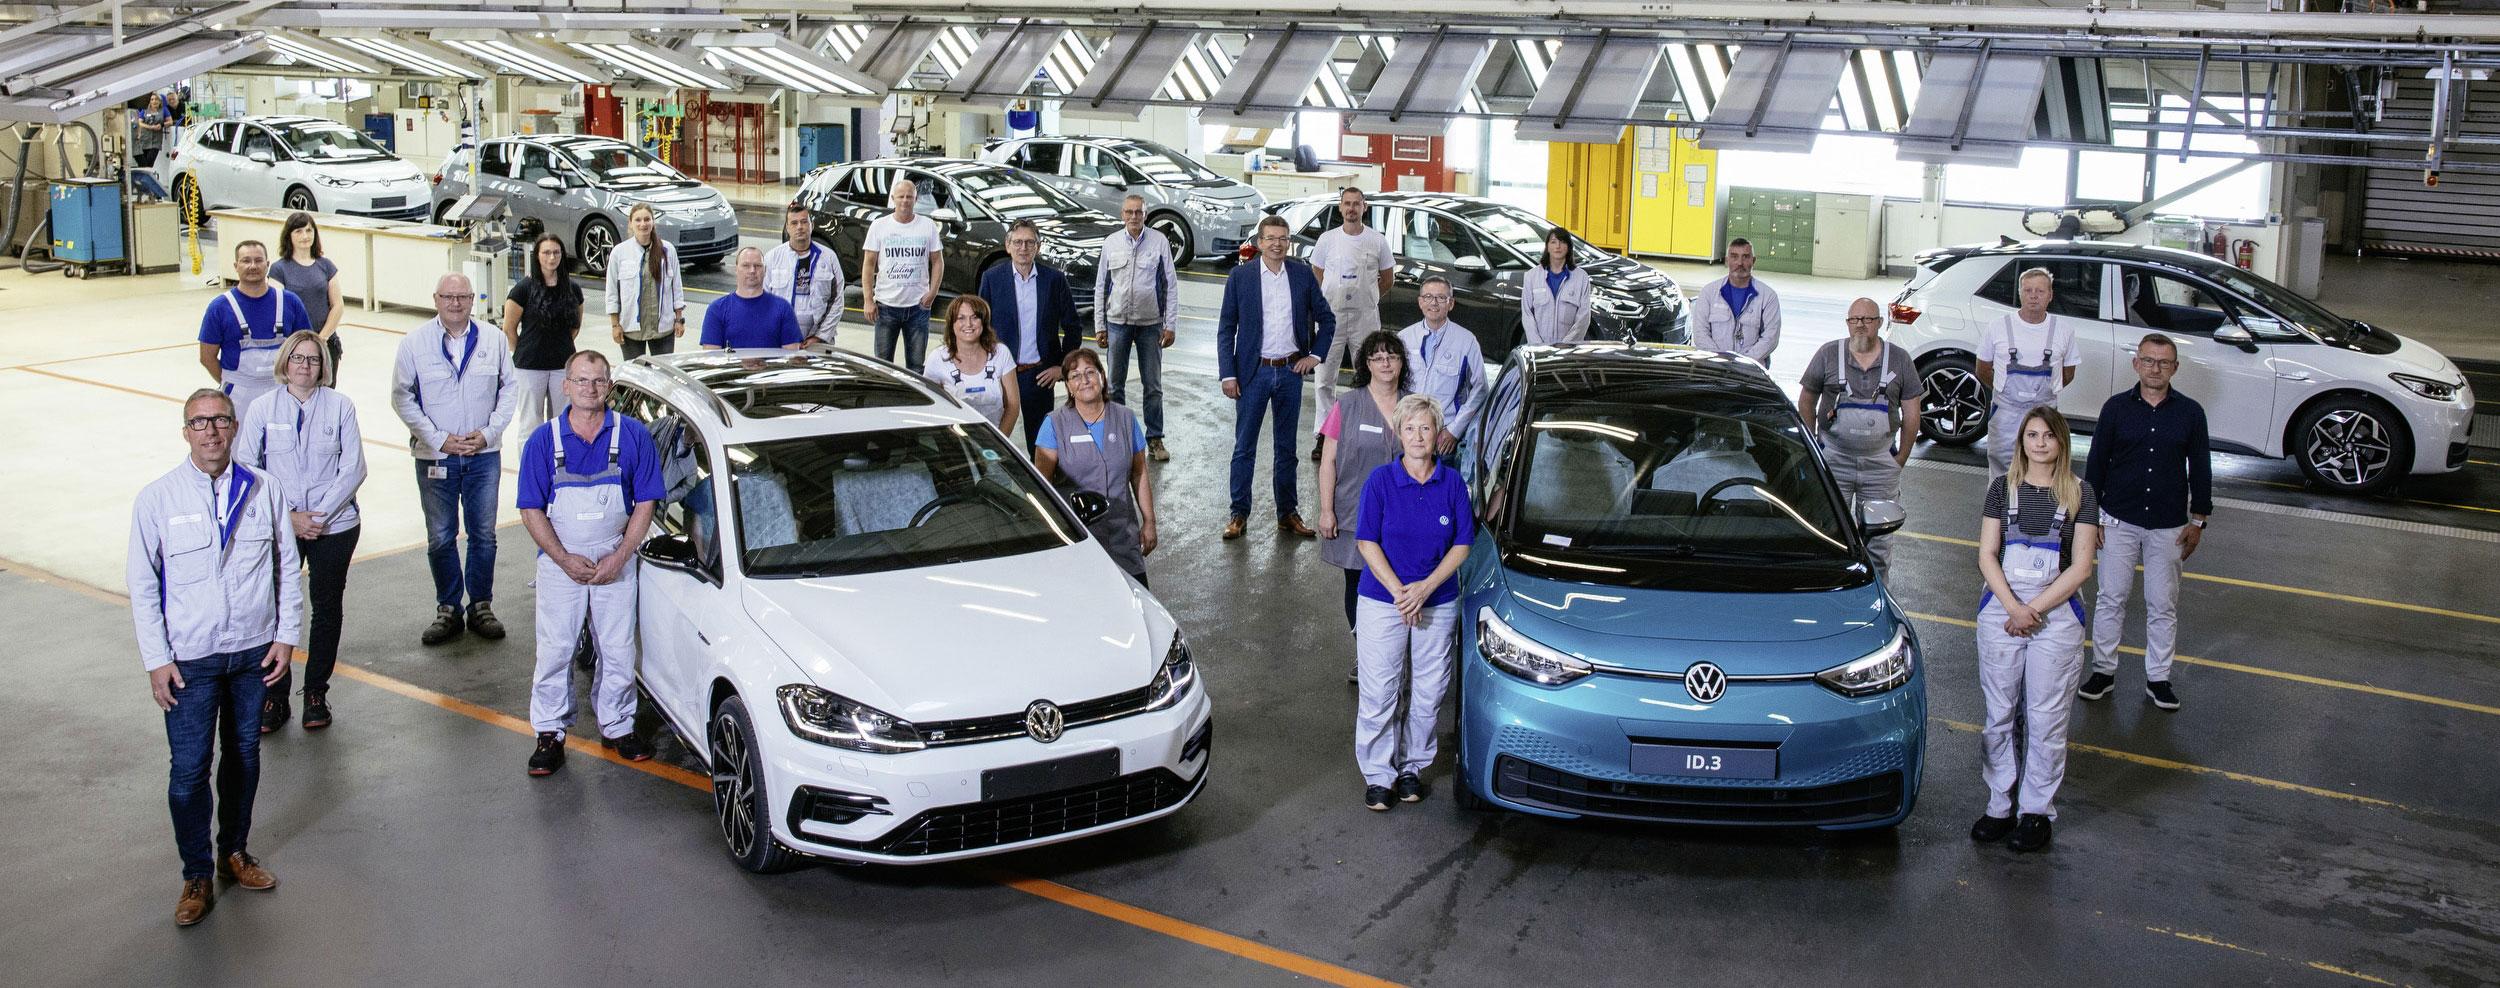 La planta de VW en Zwickau producirá sólo autos eléctricos